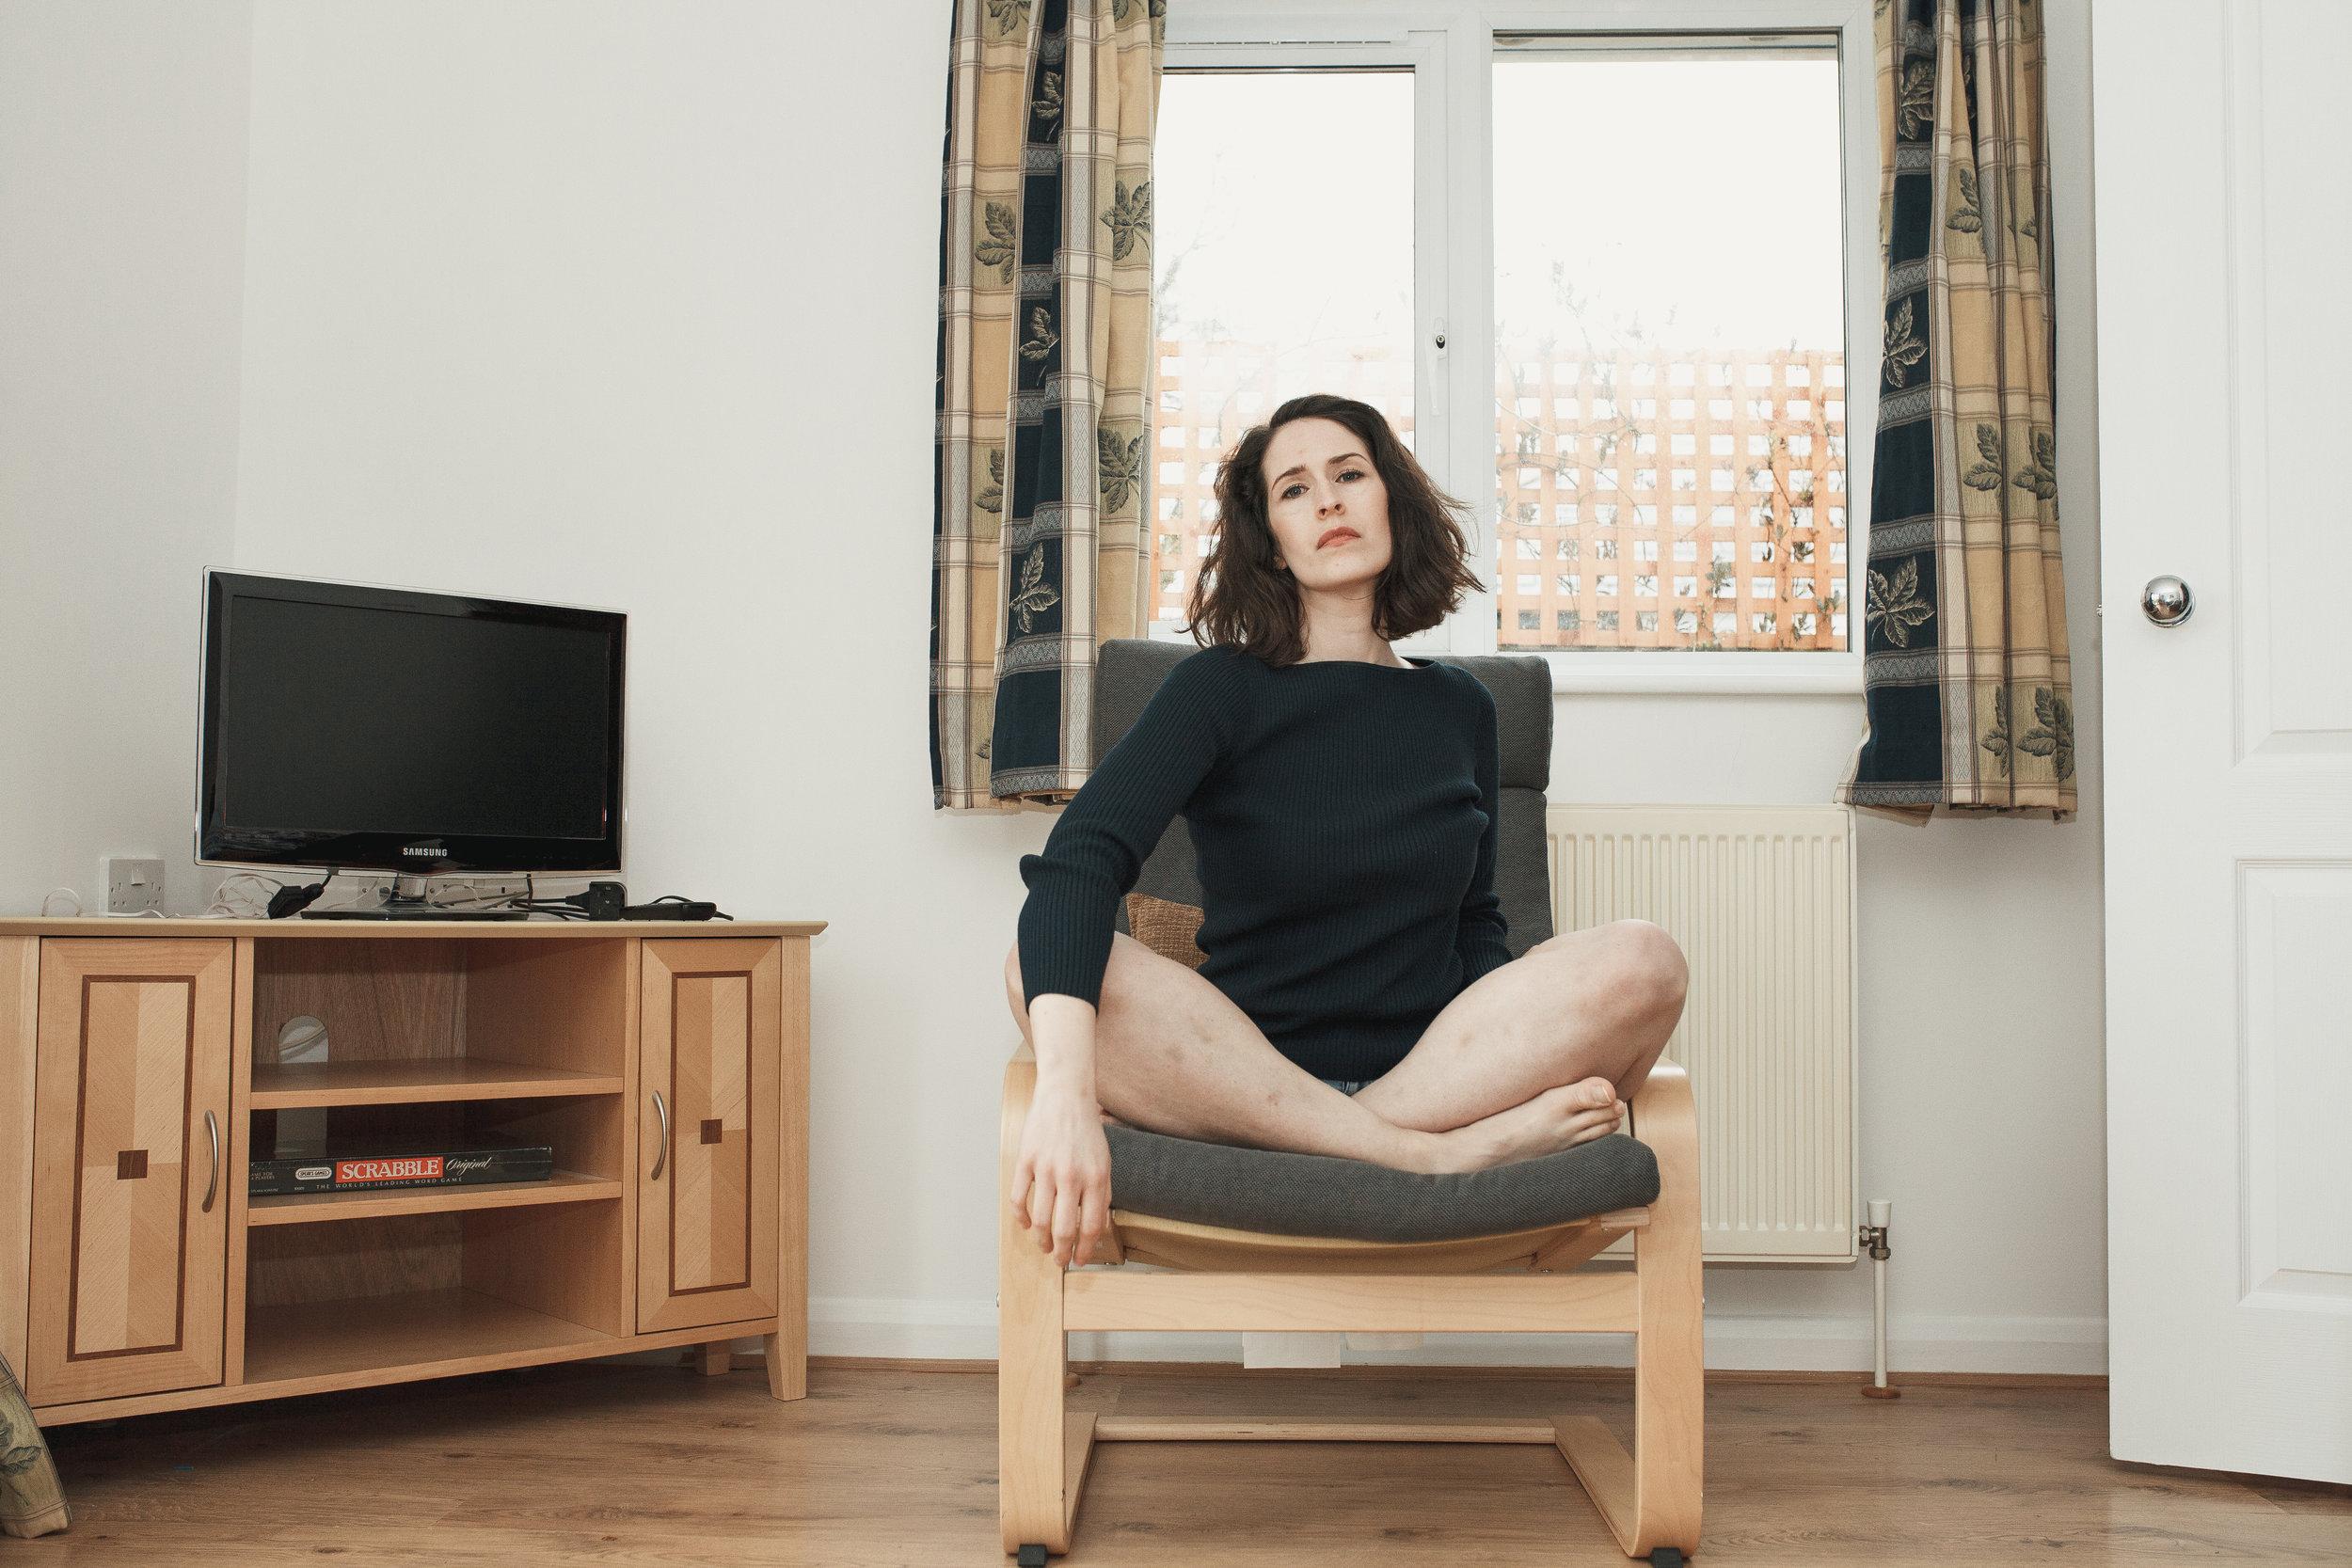 woman-sitting-pose.jpg